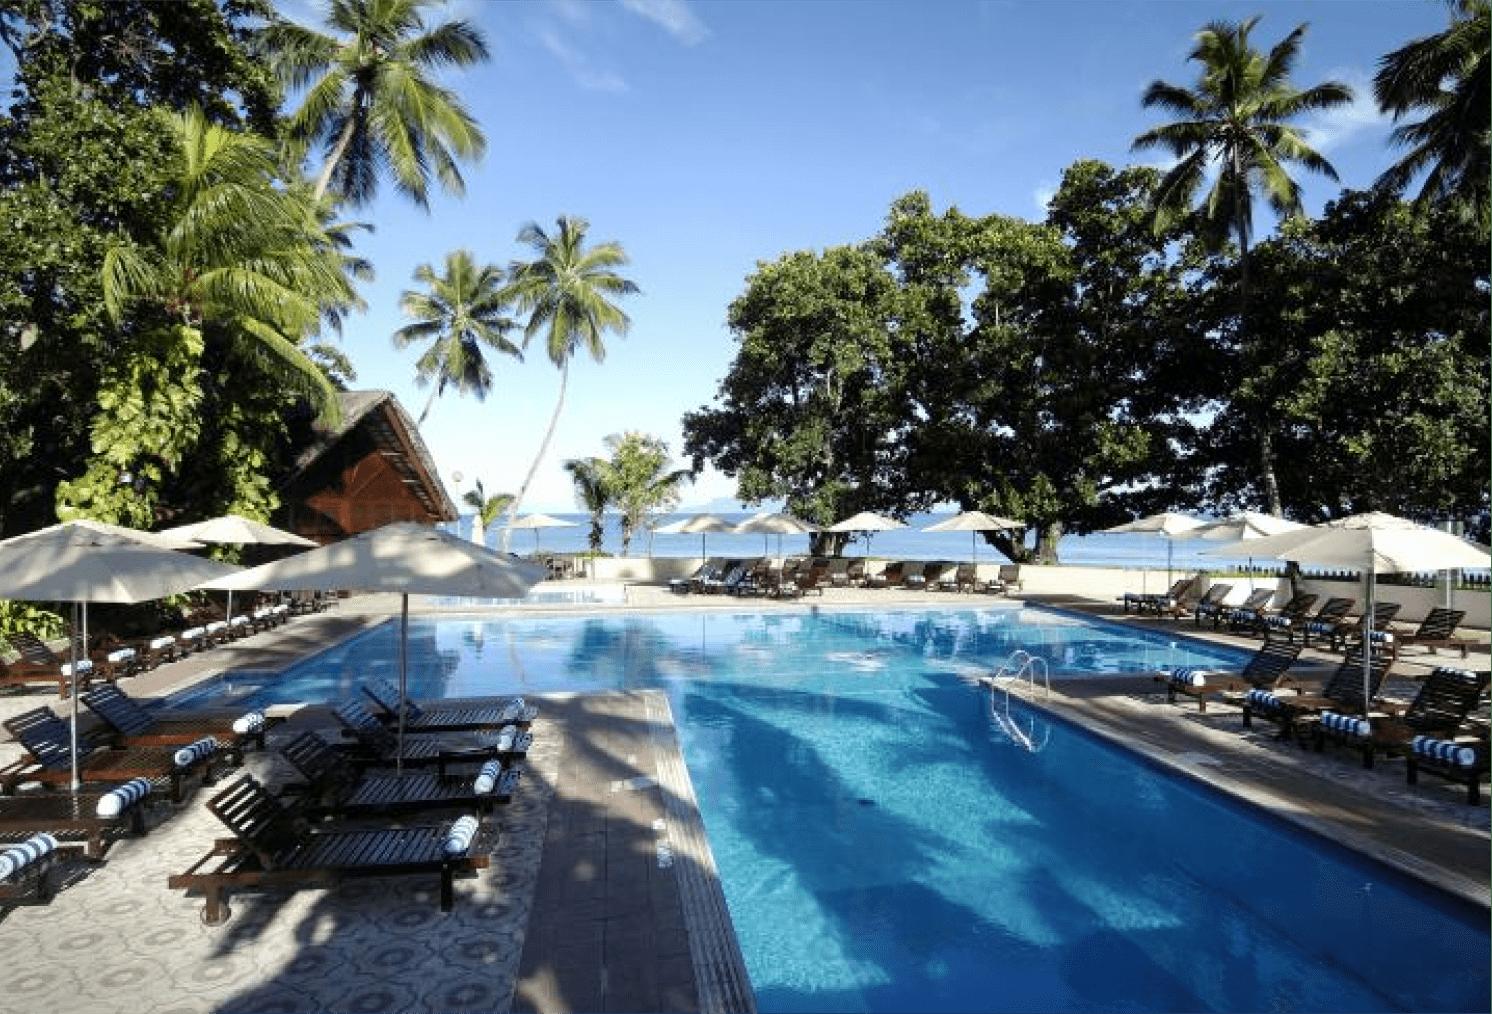 Berjaya Beau Vallon Bay Resort & Casino***, dovolená na pláži, snídaně, seychely